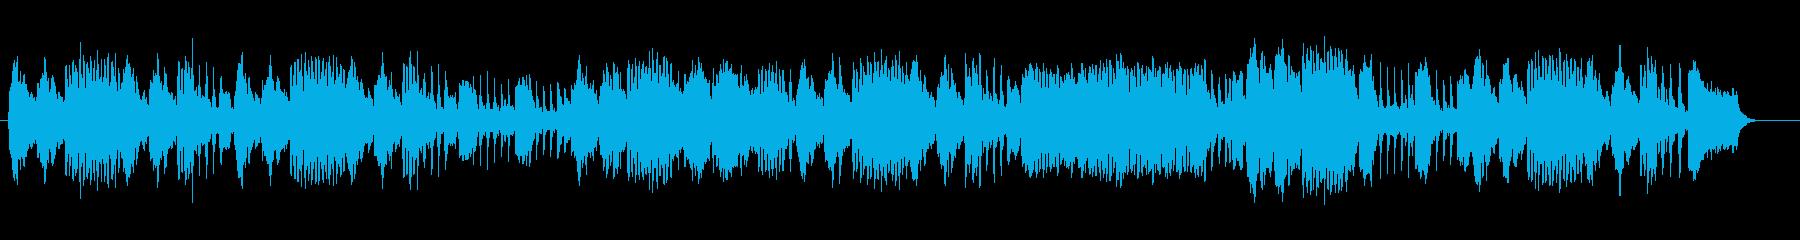 旋律の優雅で可憐なクラシックの再生済みの波形